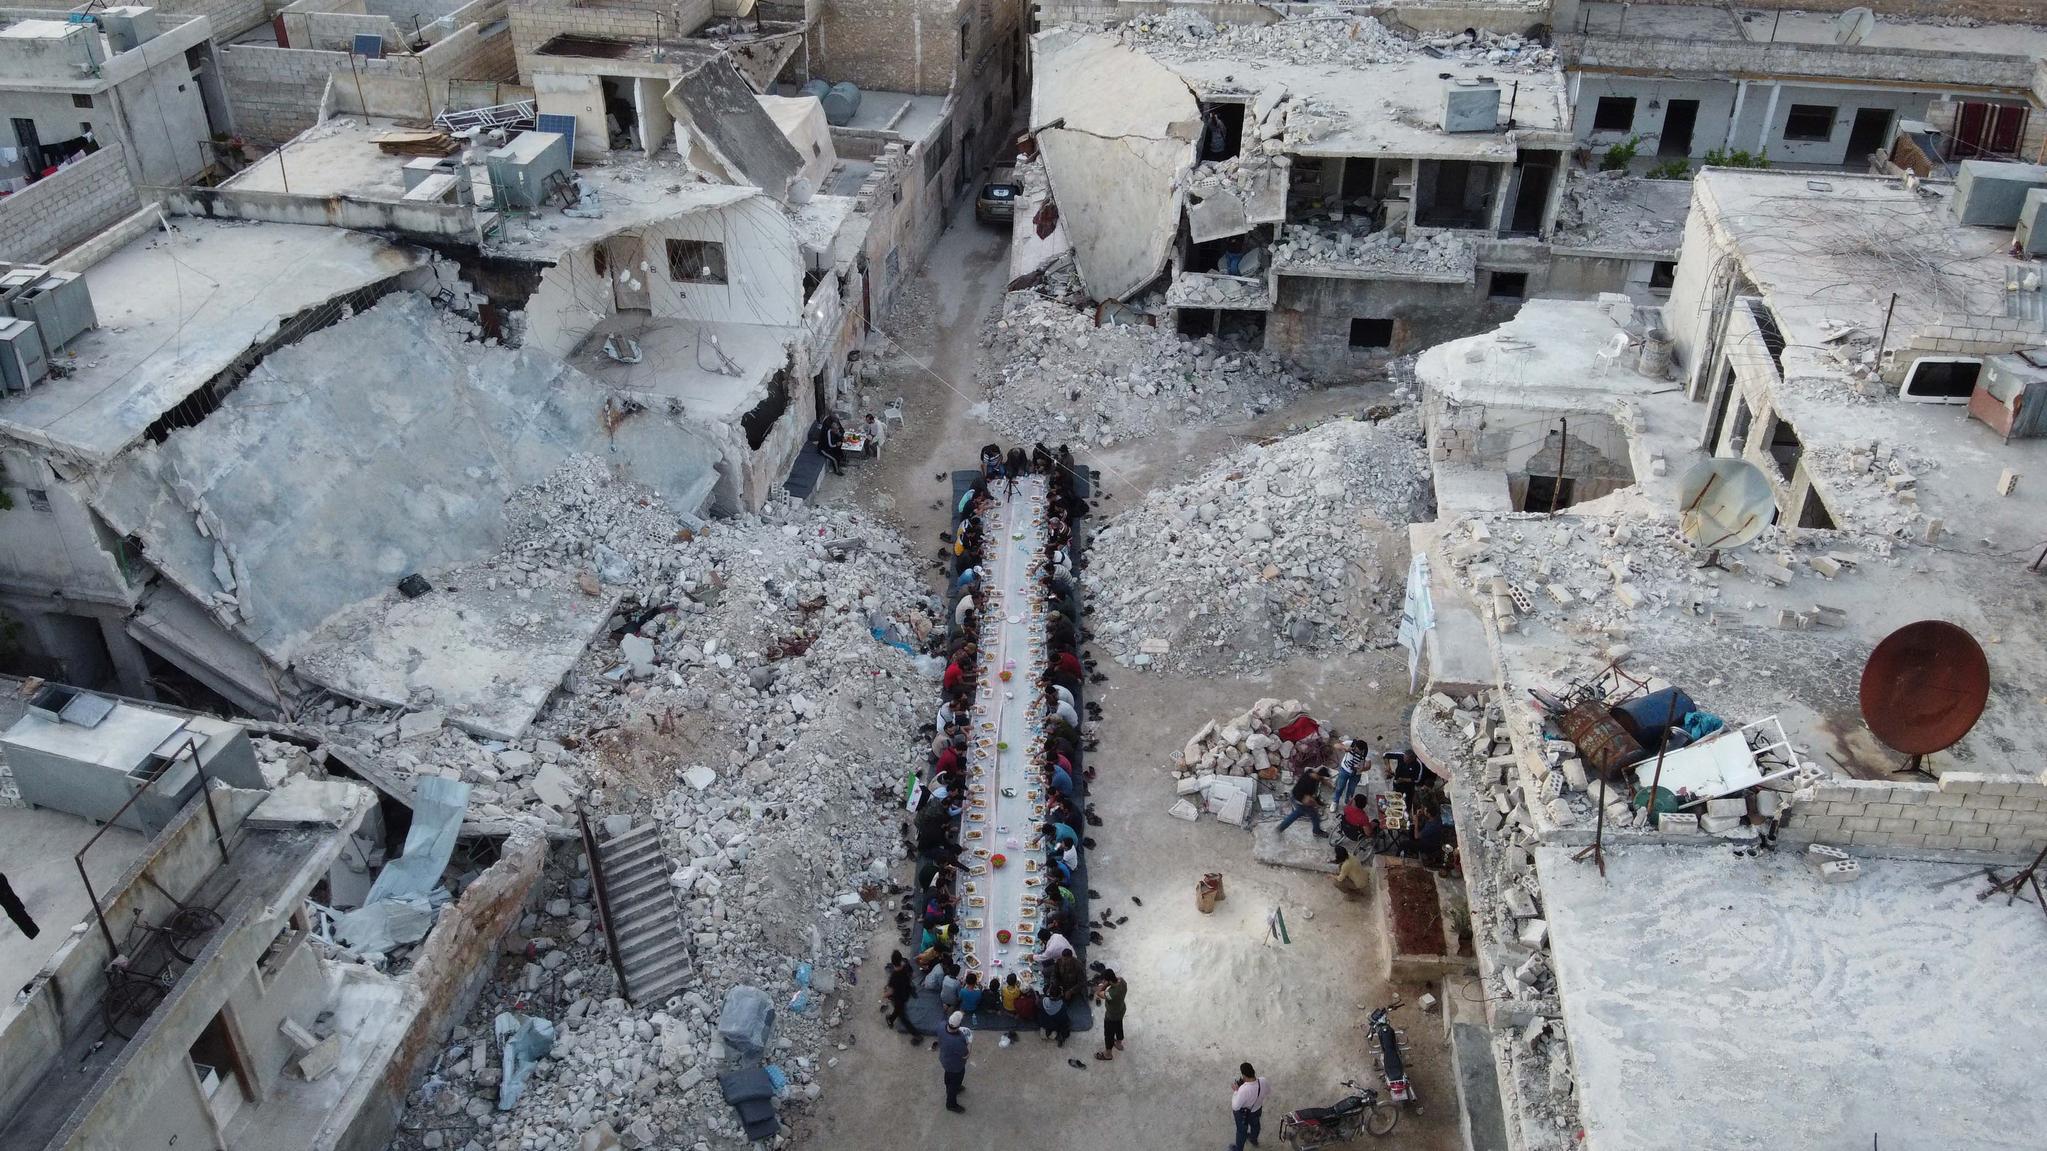 2020년 7월 시리아 알레포 주 아타레브 주민들이 폭격으로 파괴된 마을에서 자선단체의 도움으로 아침 식사를 하고 있다. AFP=연합뉴스